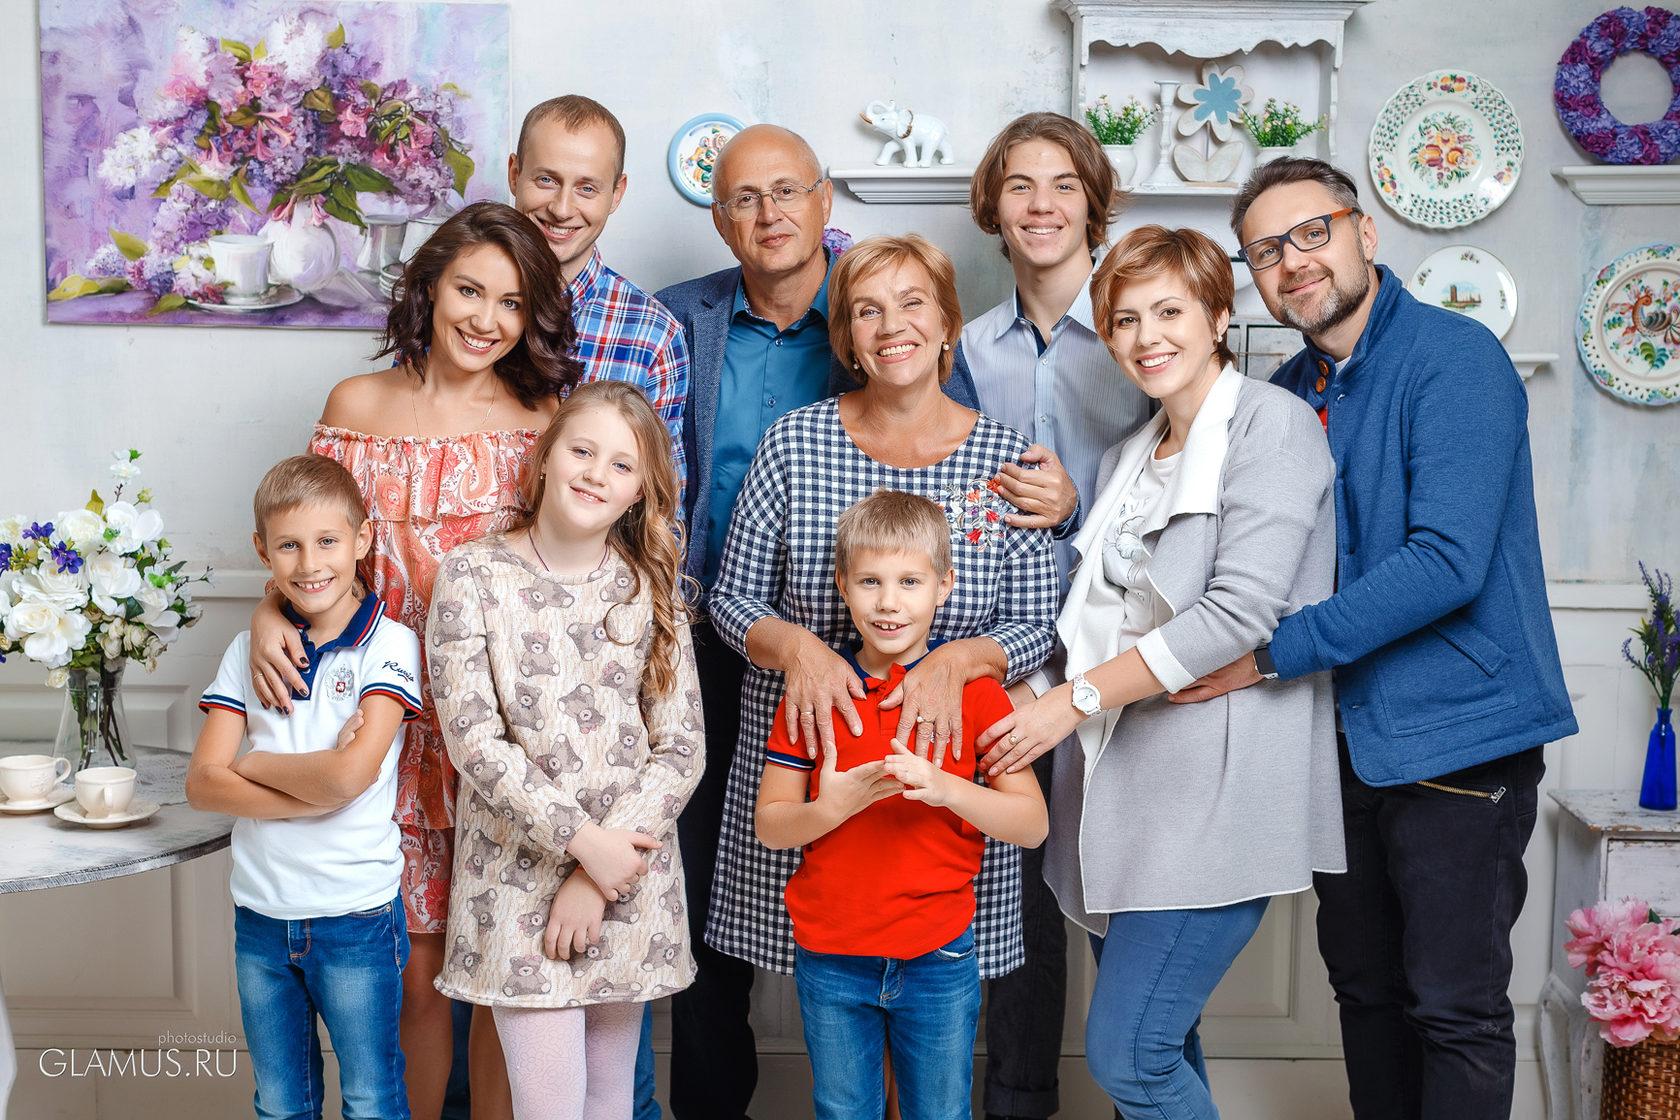 фотосессия для большой семьи в студии многим будет интересно